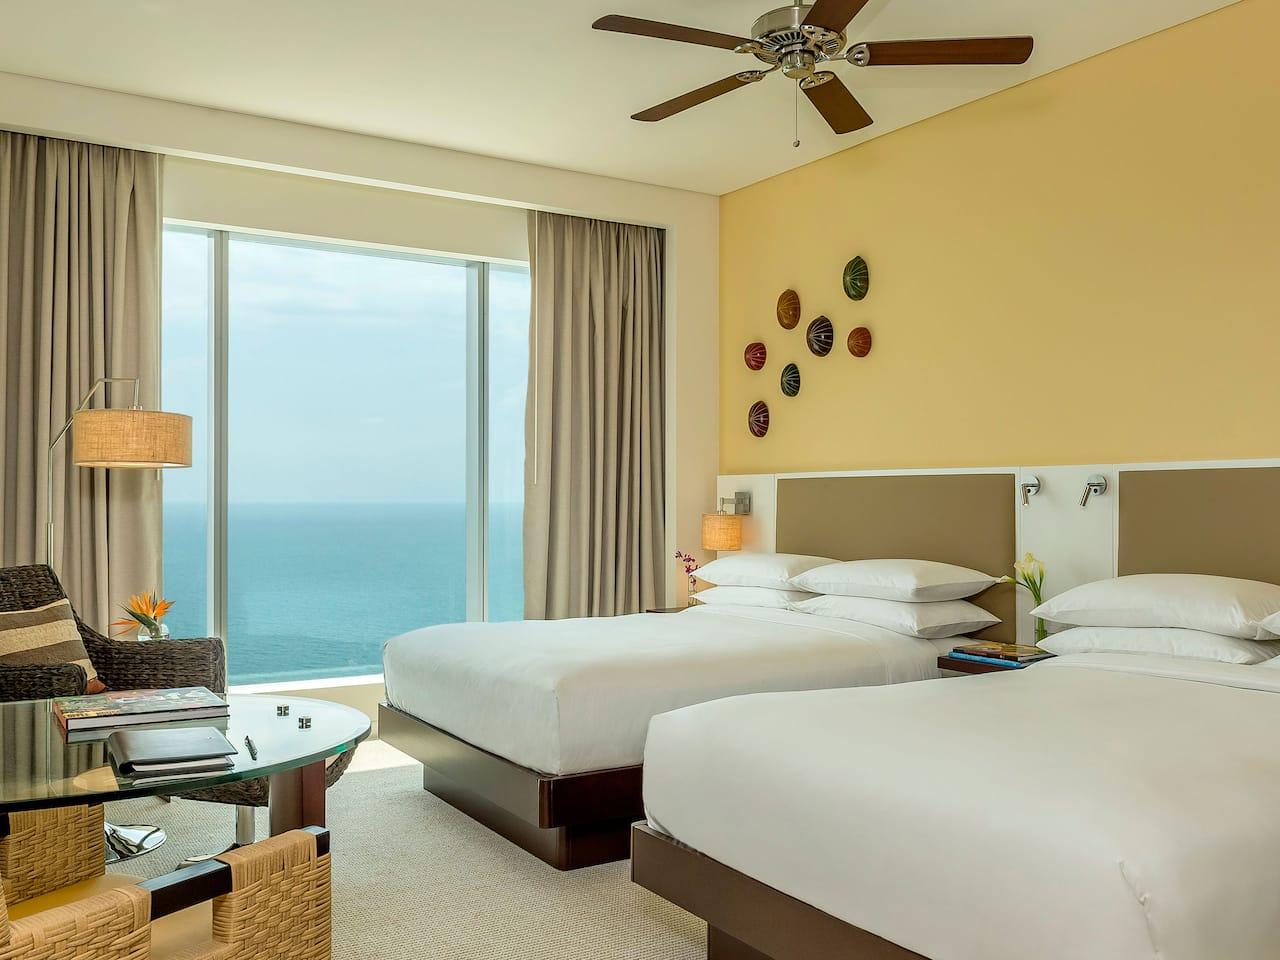 double room ocean front day in cartagena luxury hotel